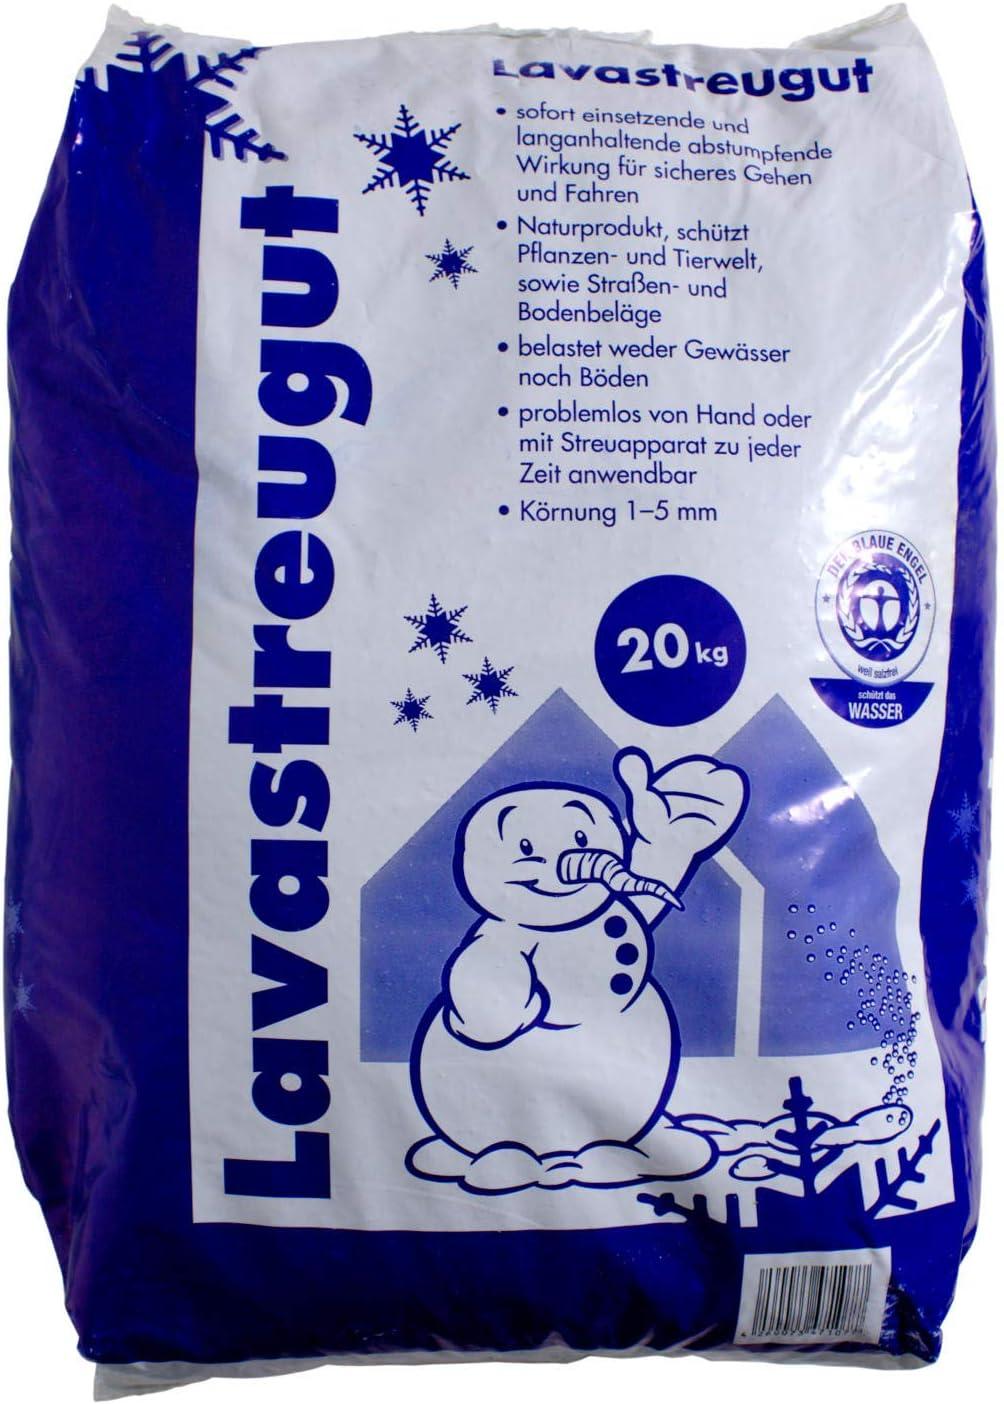 Lavastreugut Big Bag 1000kg Schnee Winter Streugut Lava salzfrei 0,20€//1kg